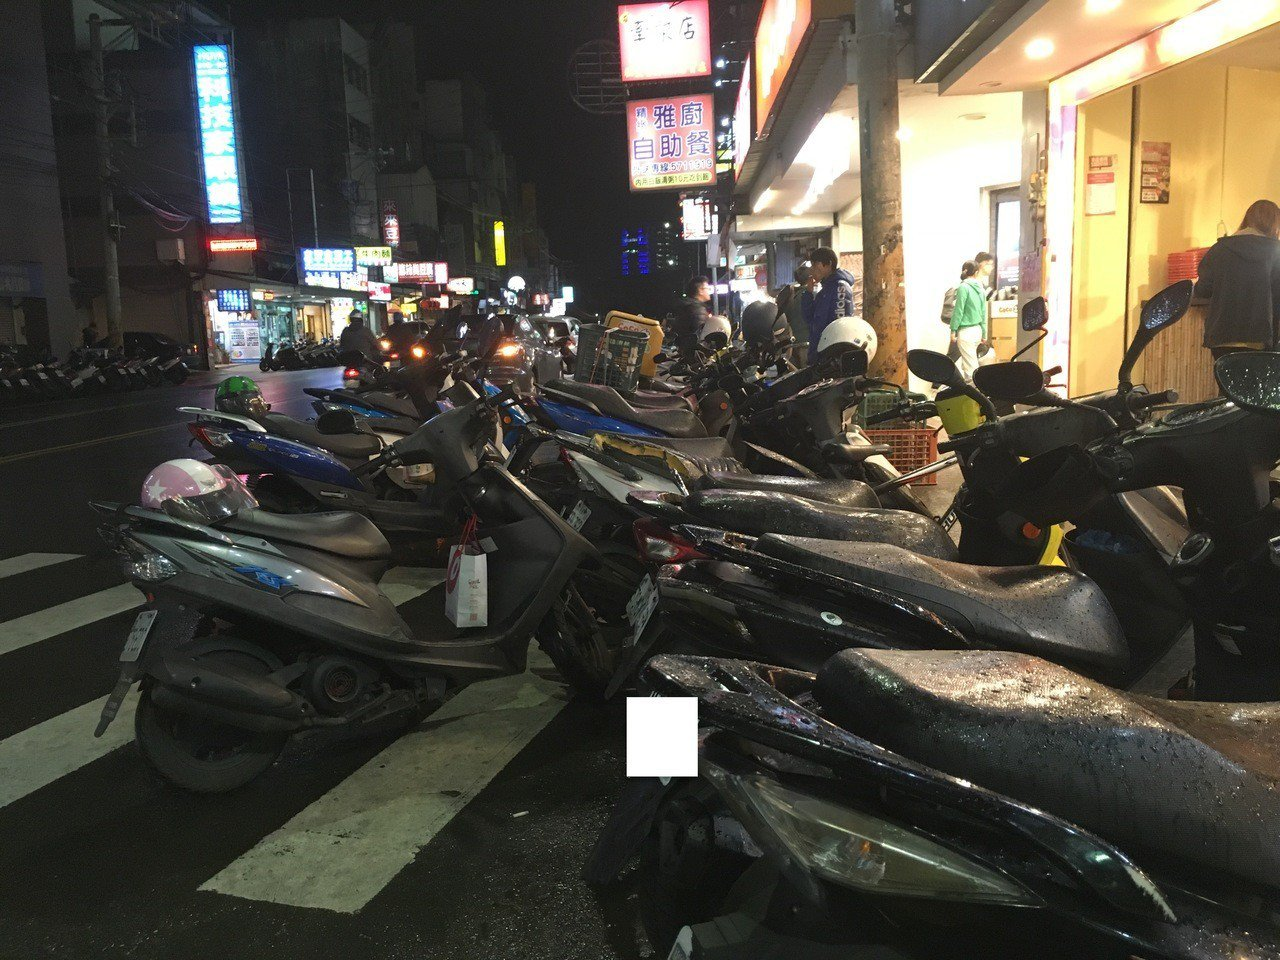 新竹市區常見機車併排停車。 記者張雅婷/攝影